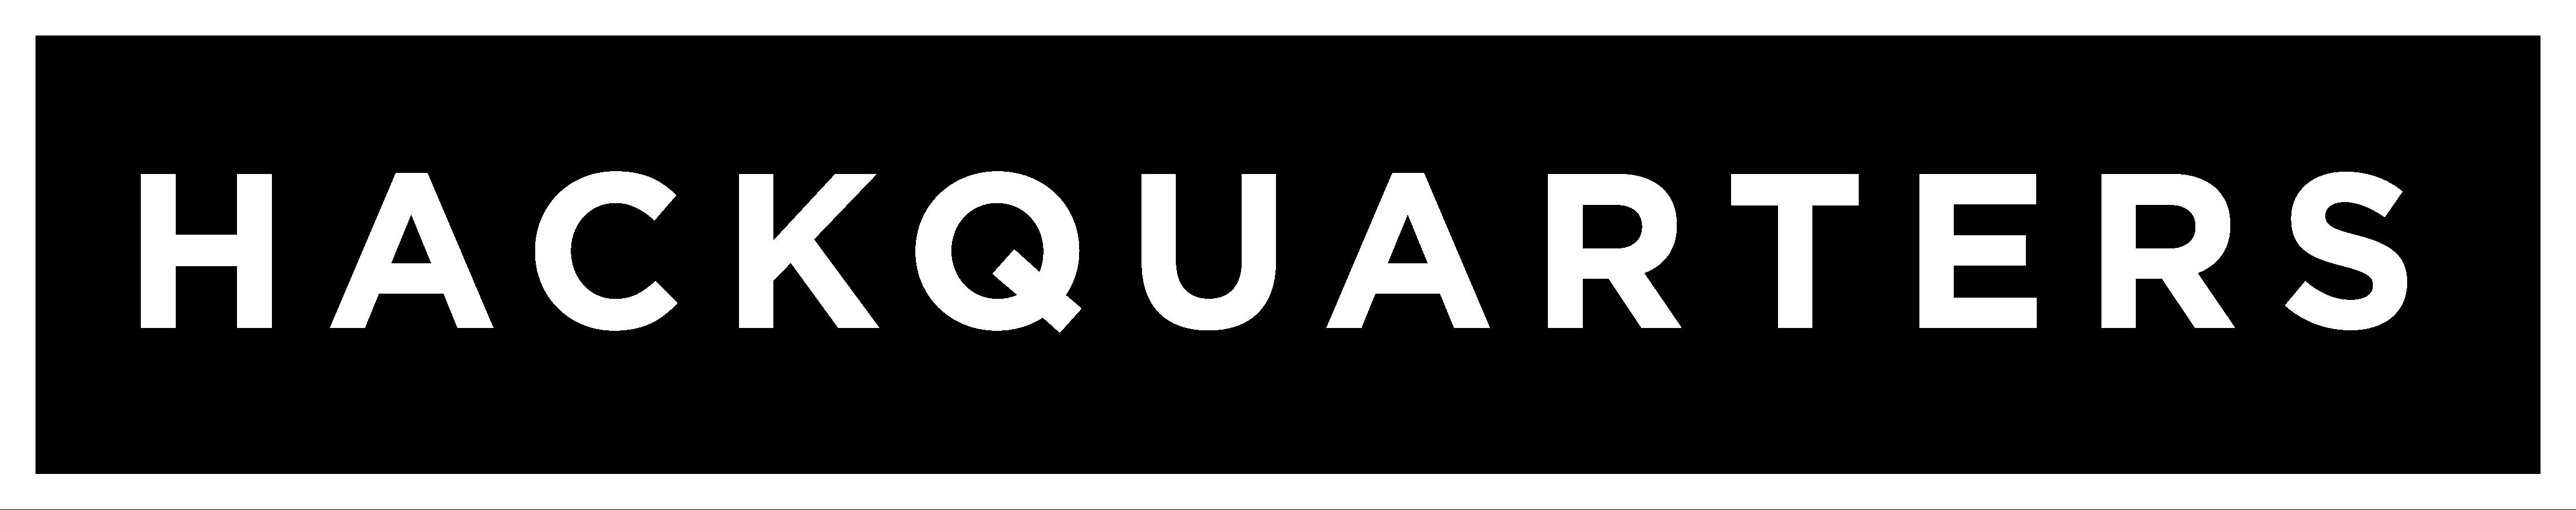 Hackquarters Logo White Transparent